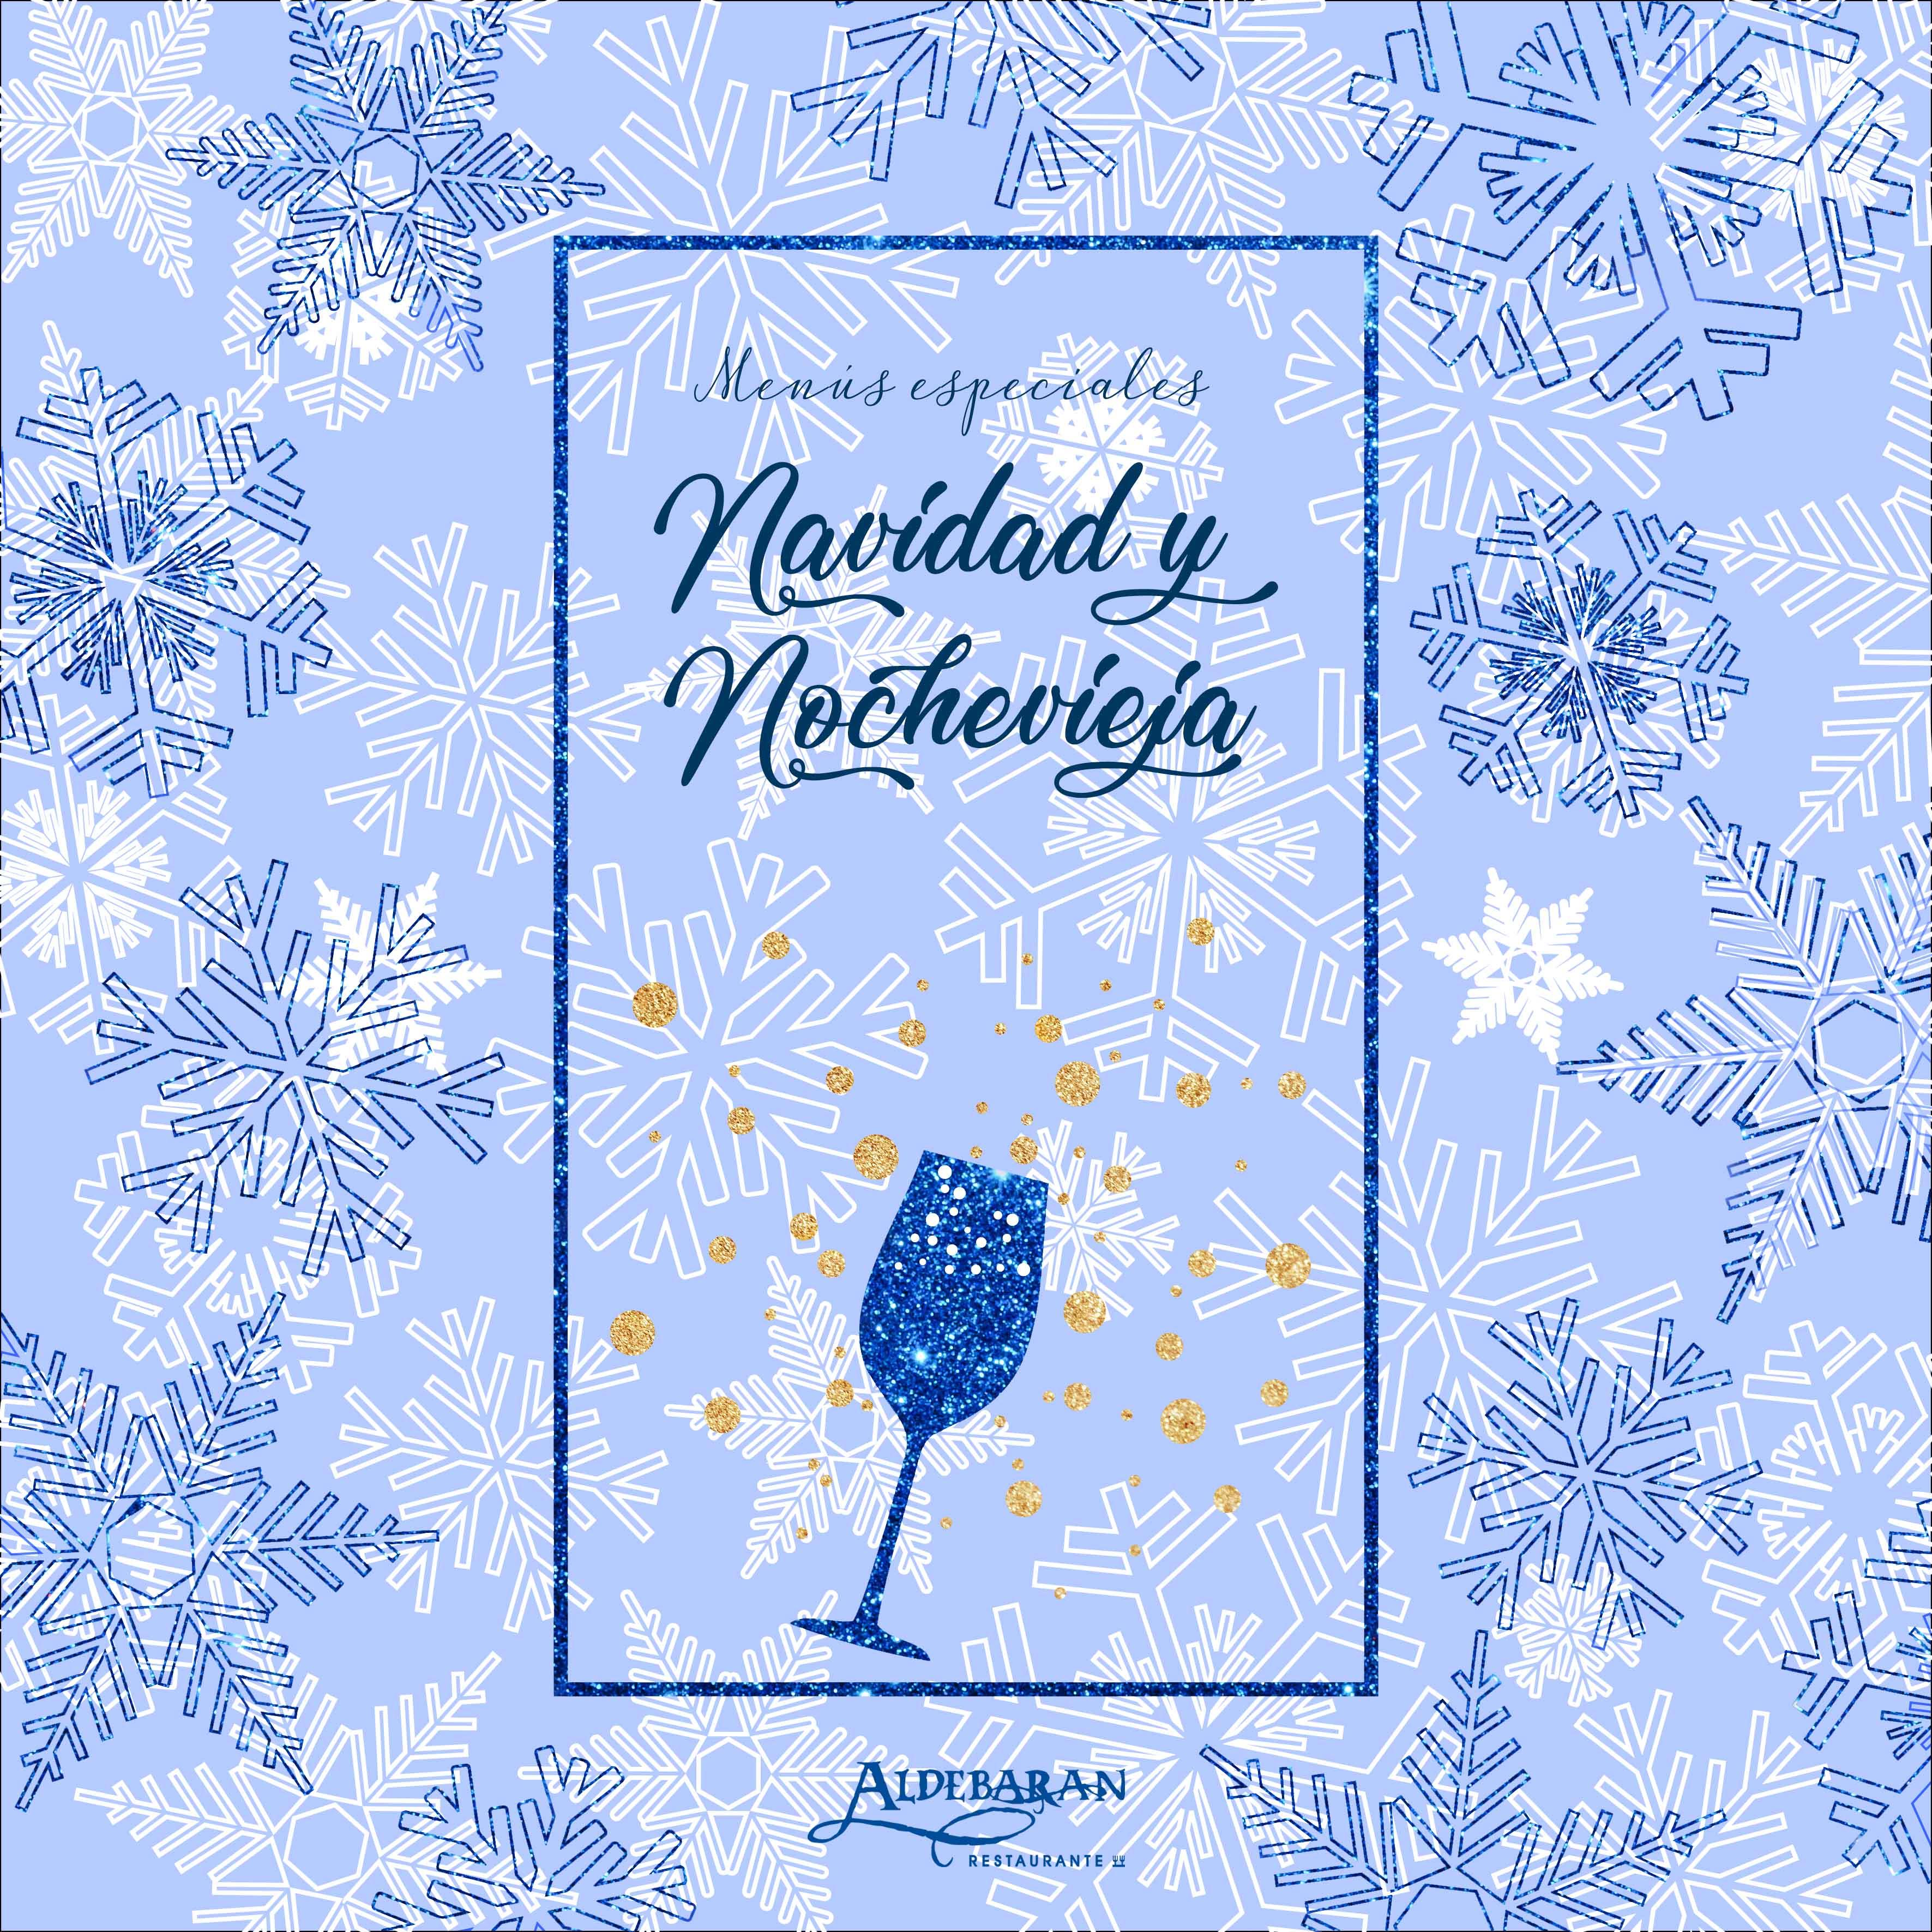 Menu Navidad y Nochevieja Aldebaran 2018